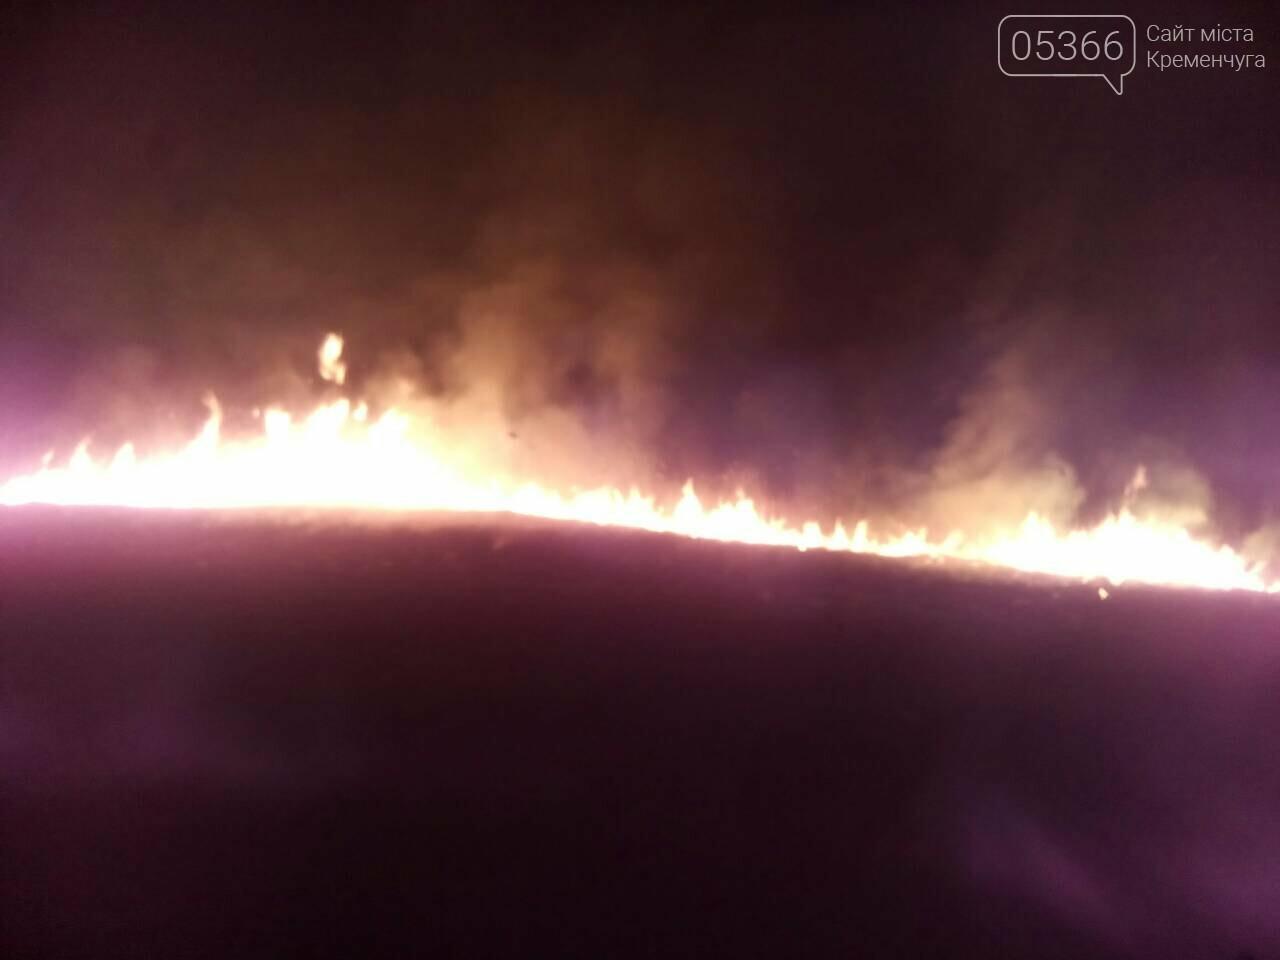 У Кременчуцькому районі вигоріло п'ять гектарів сухої трави, фото-2